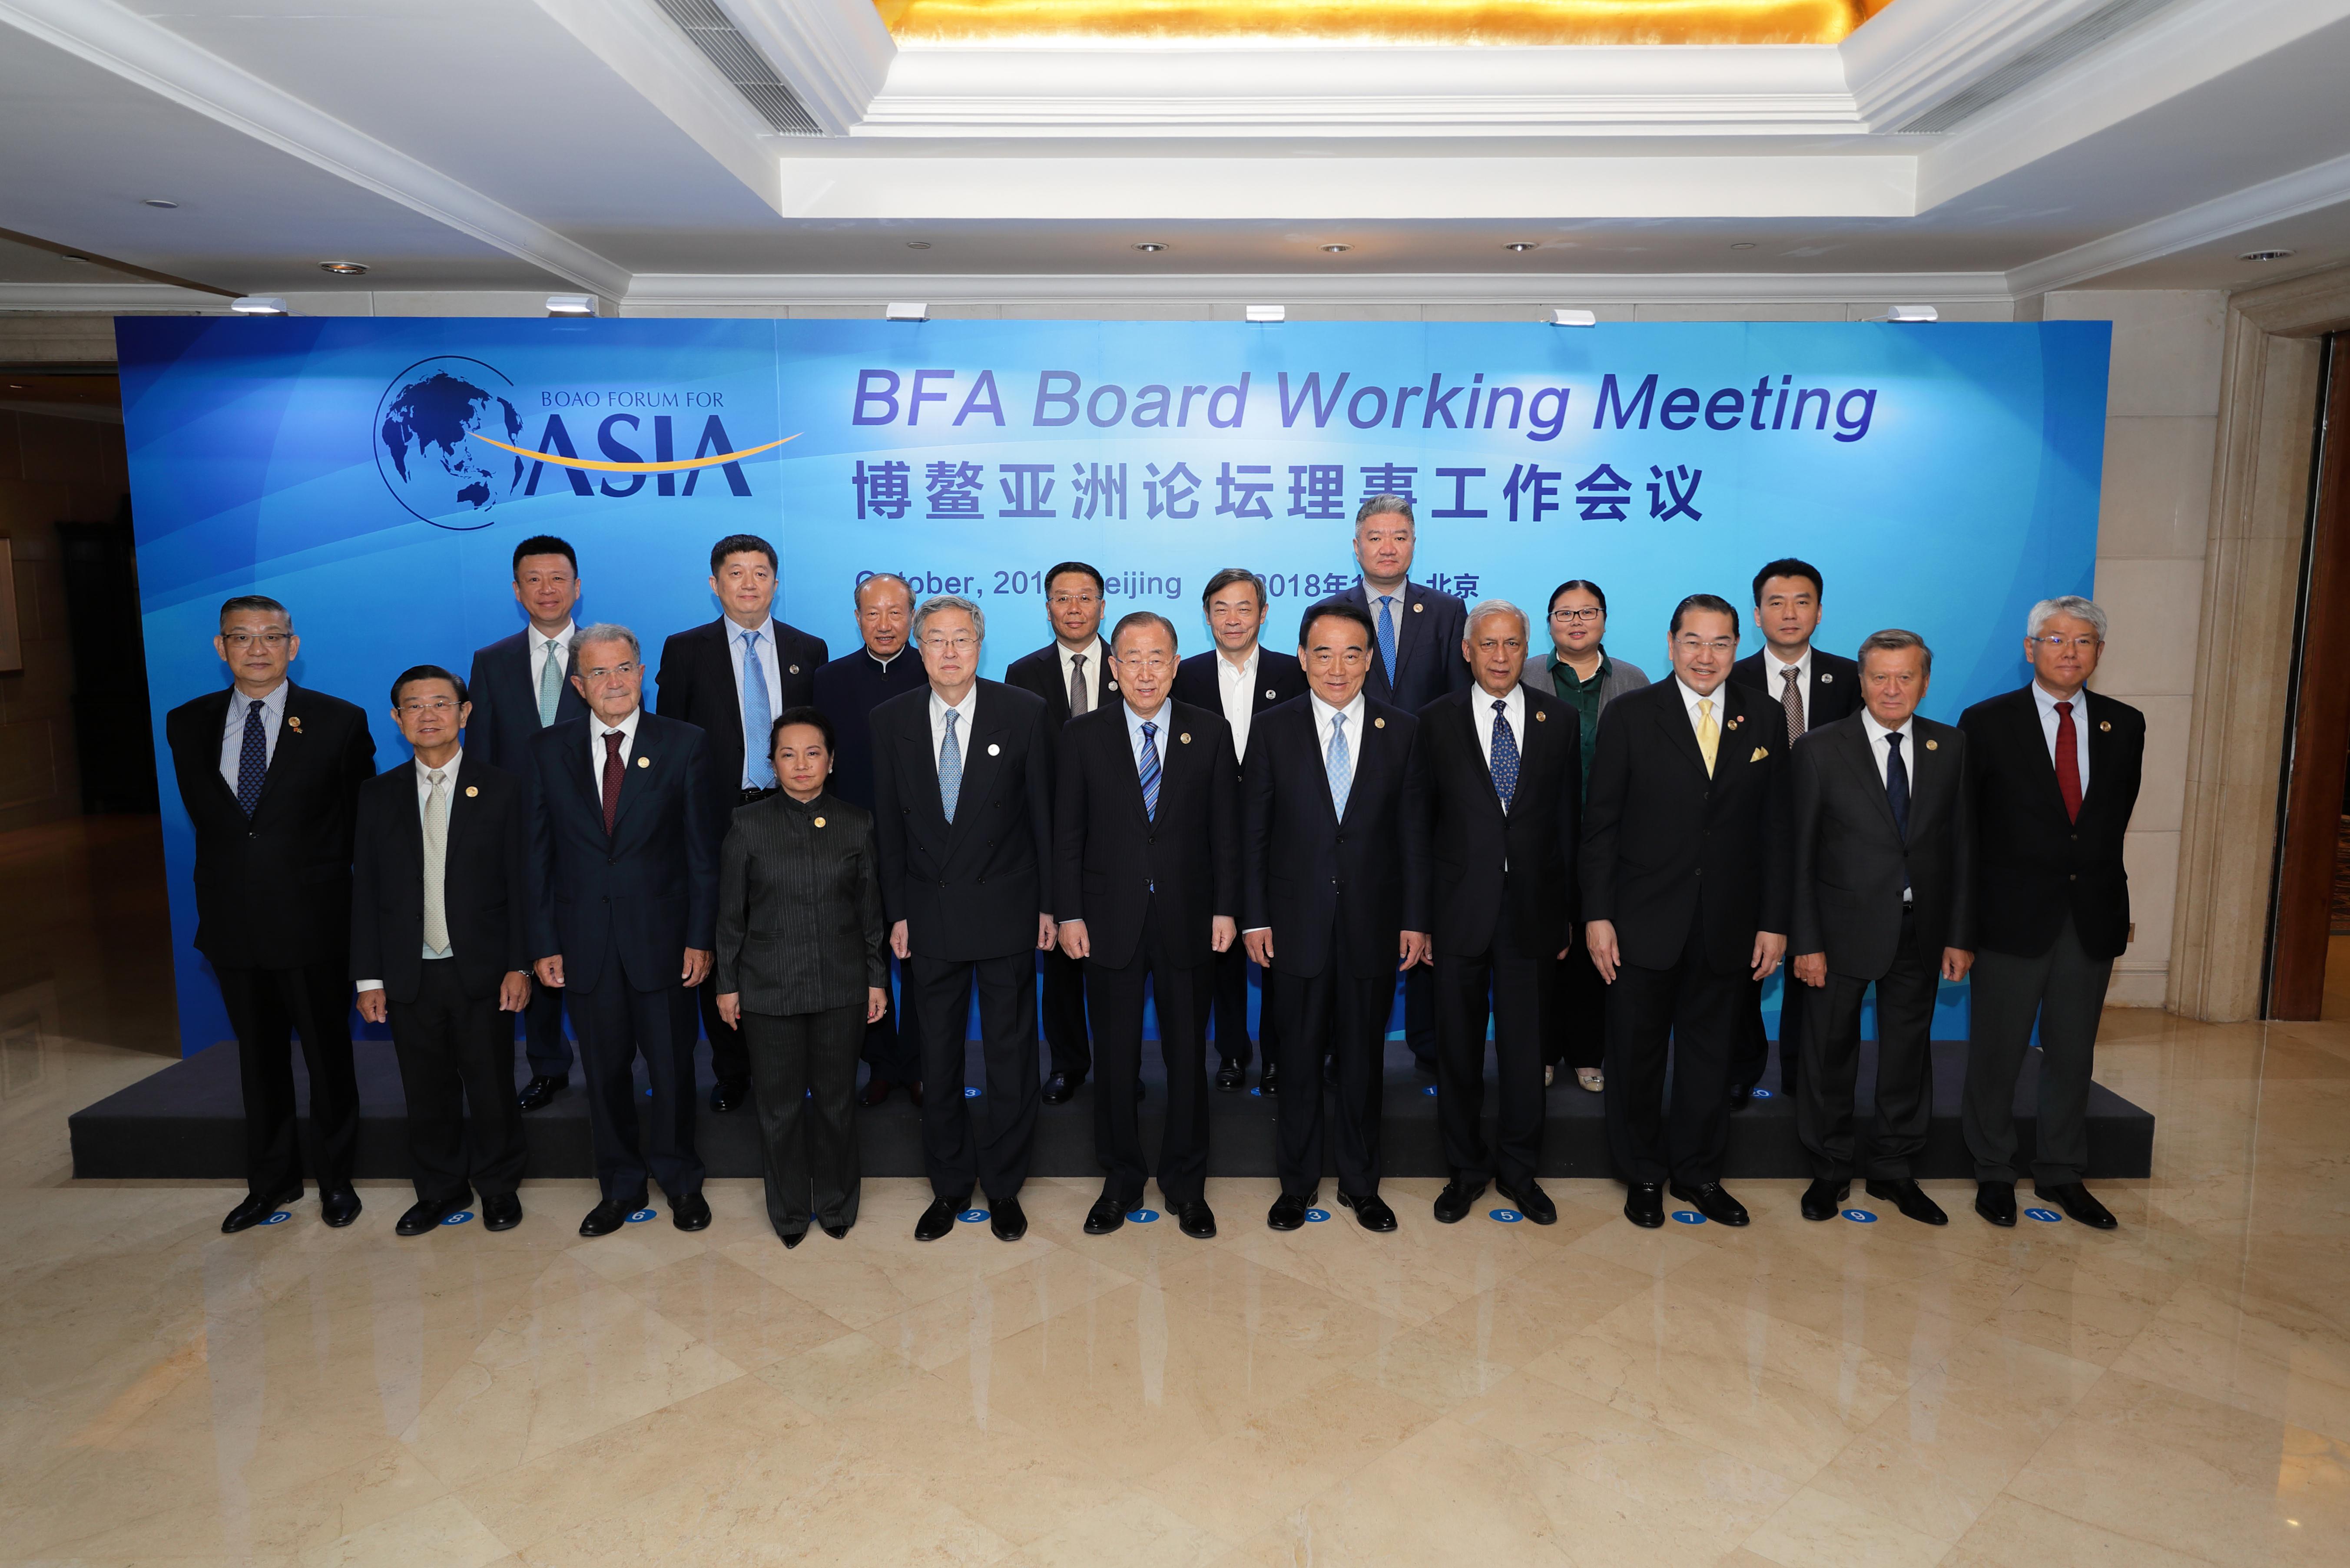 李保芳:以更高站位更大责任,长期支持博鳌亚洲论坛